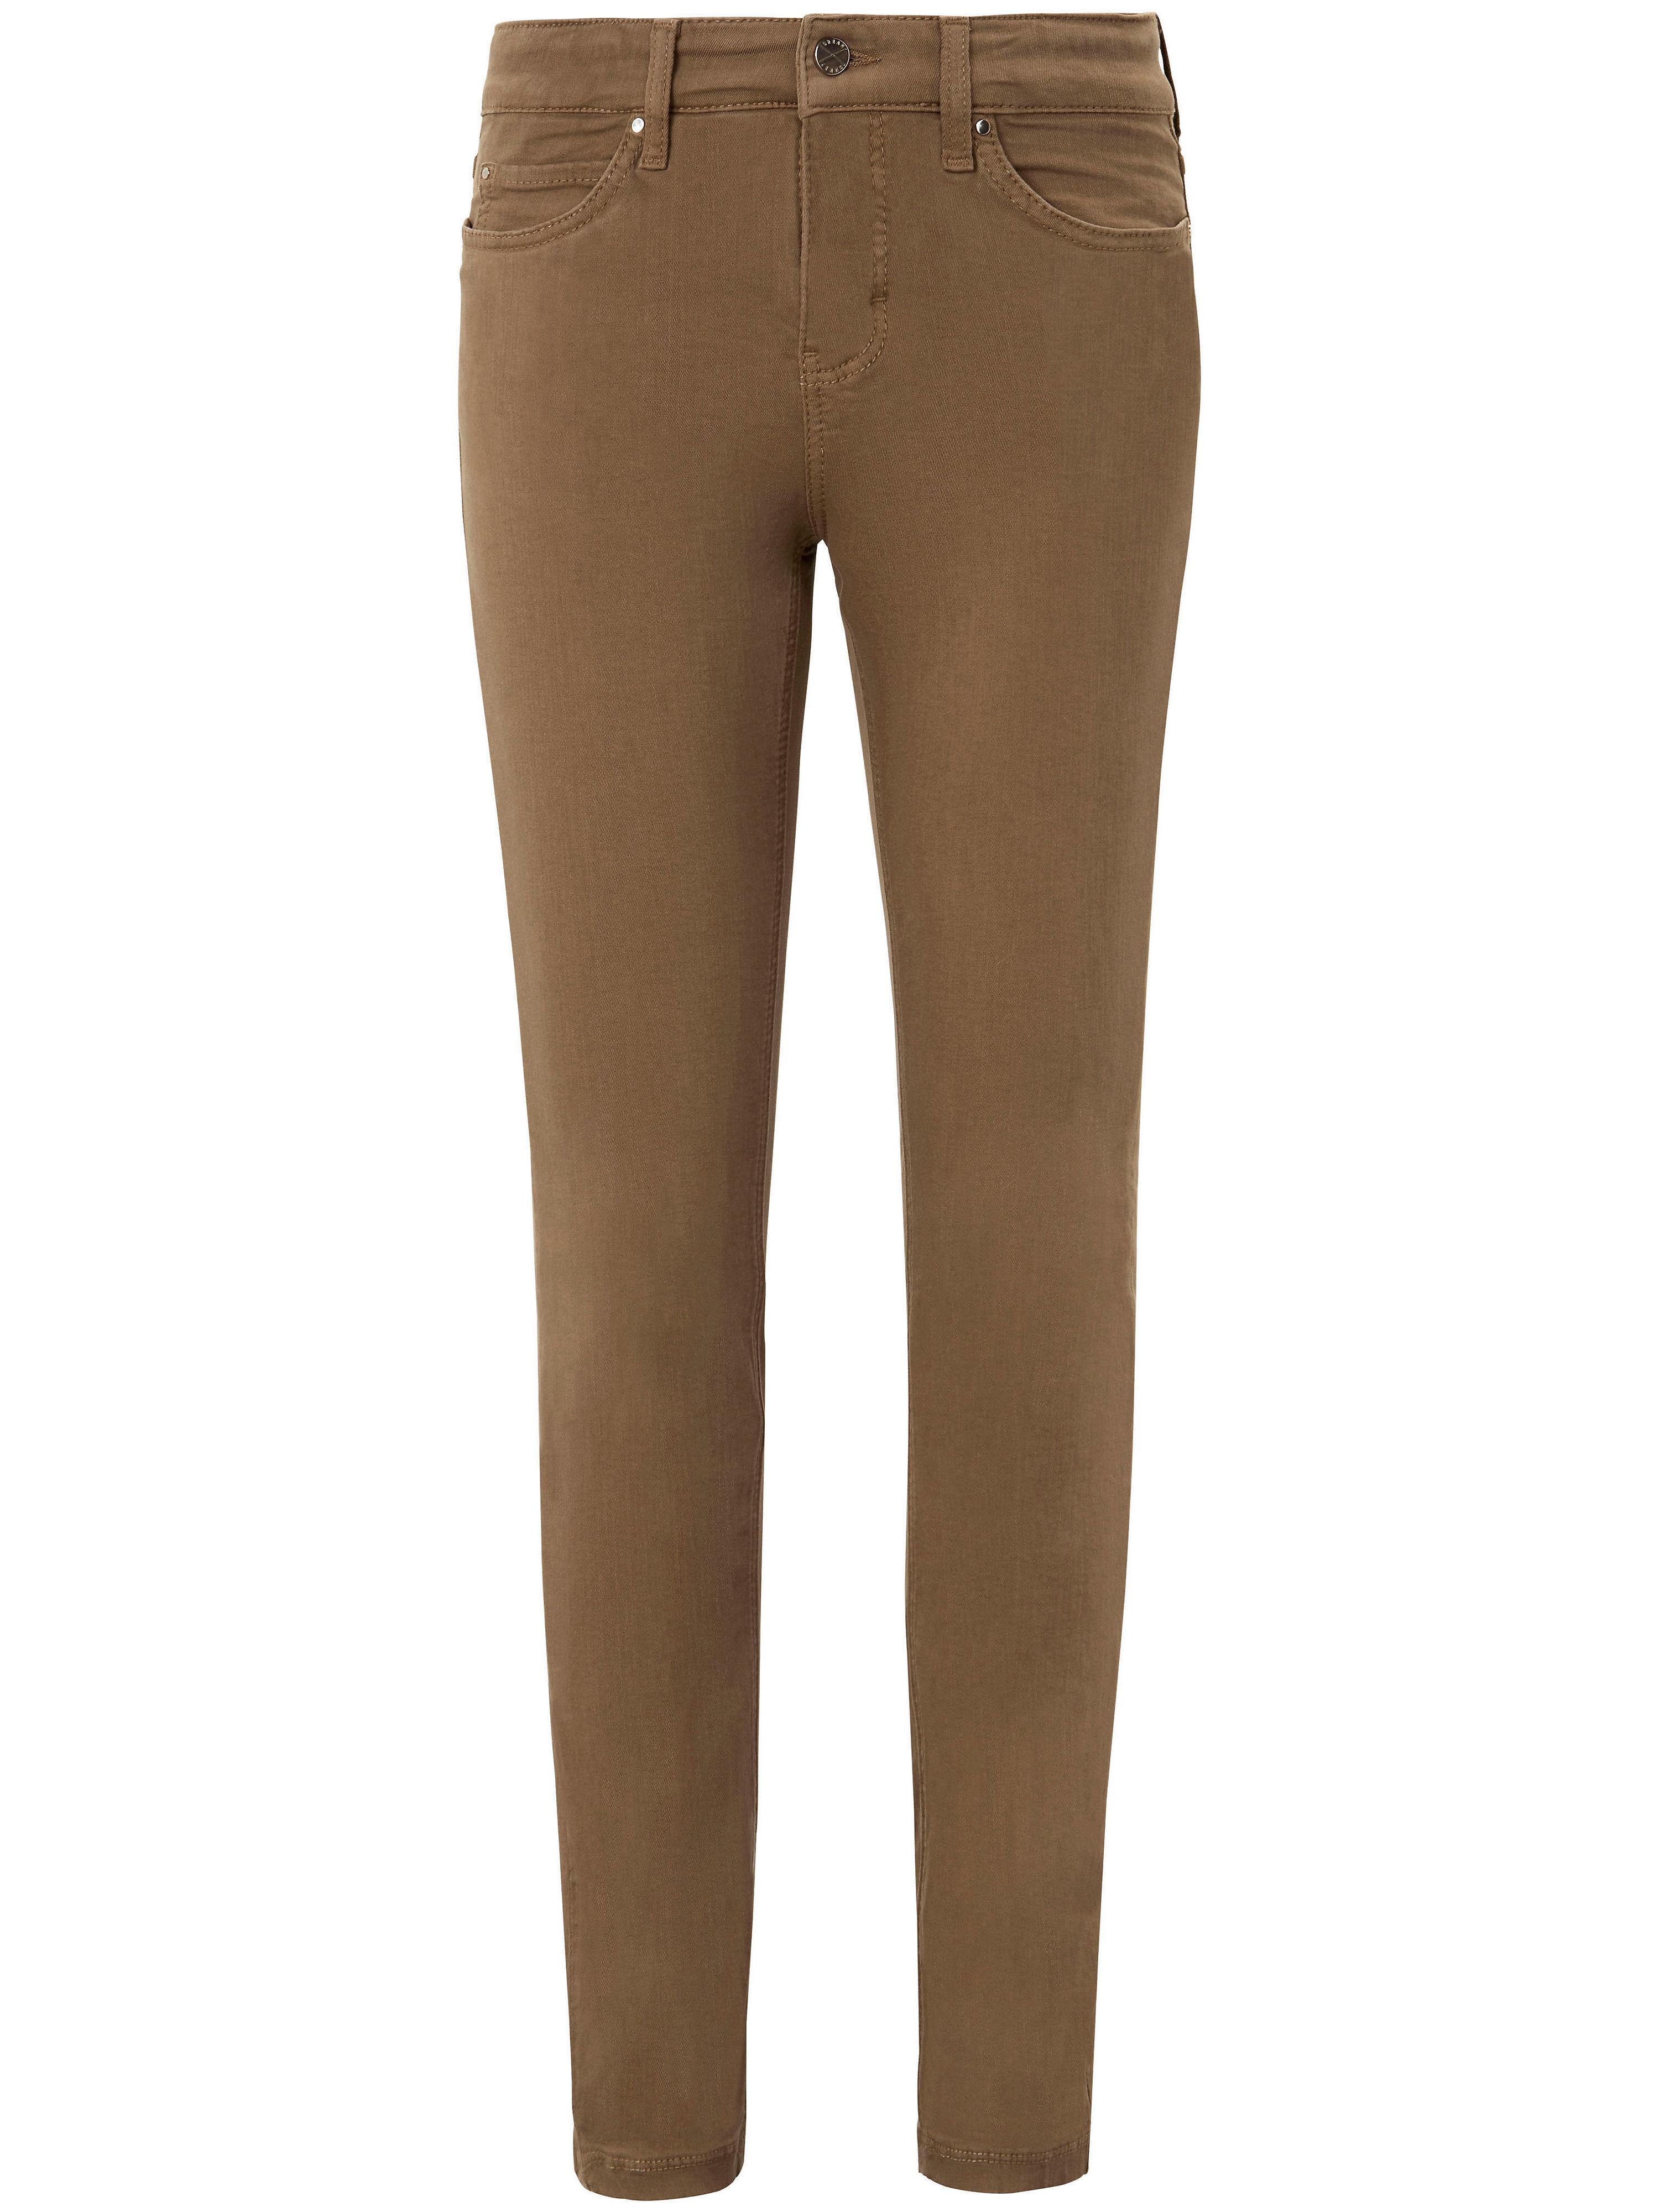 Mac Jeans Dream Skinny, tumlängd 28 och 30 från Mac beige